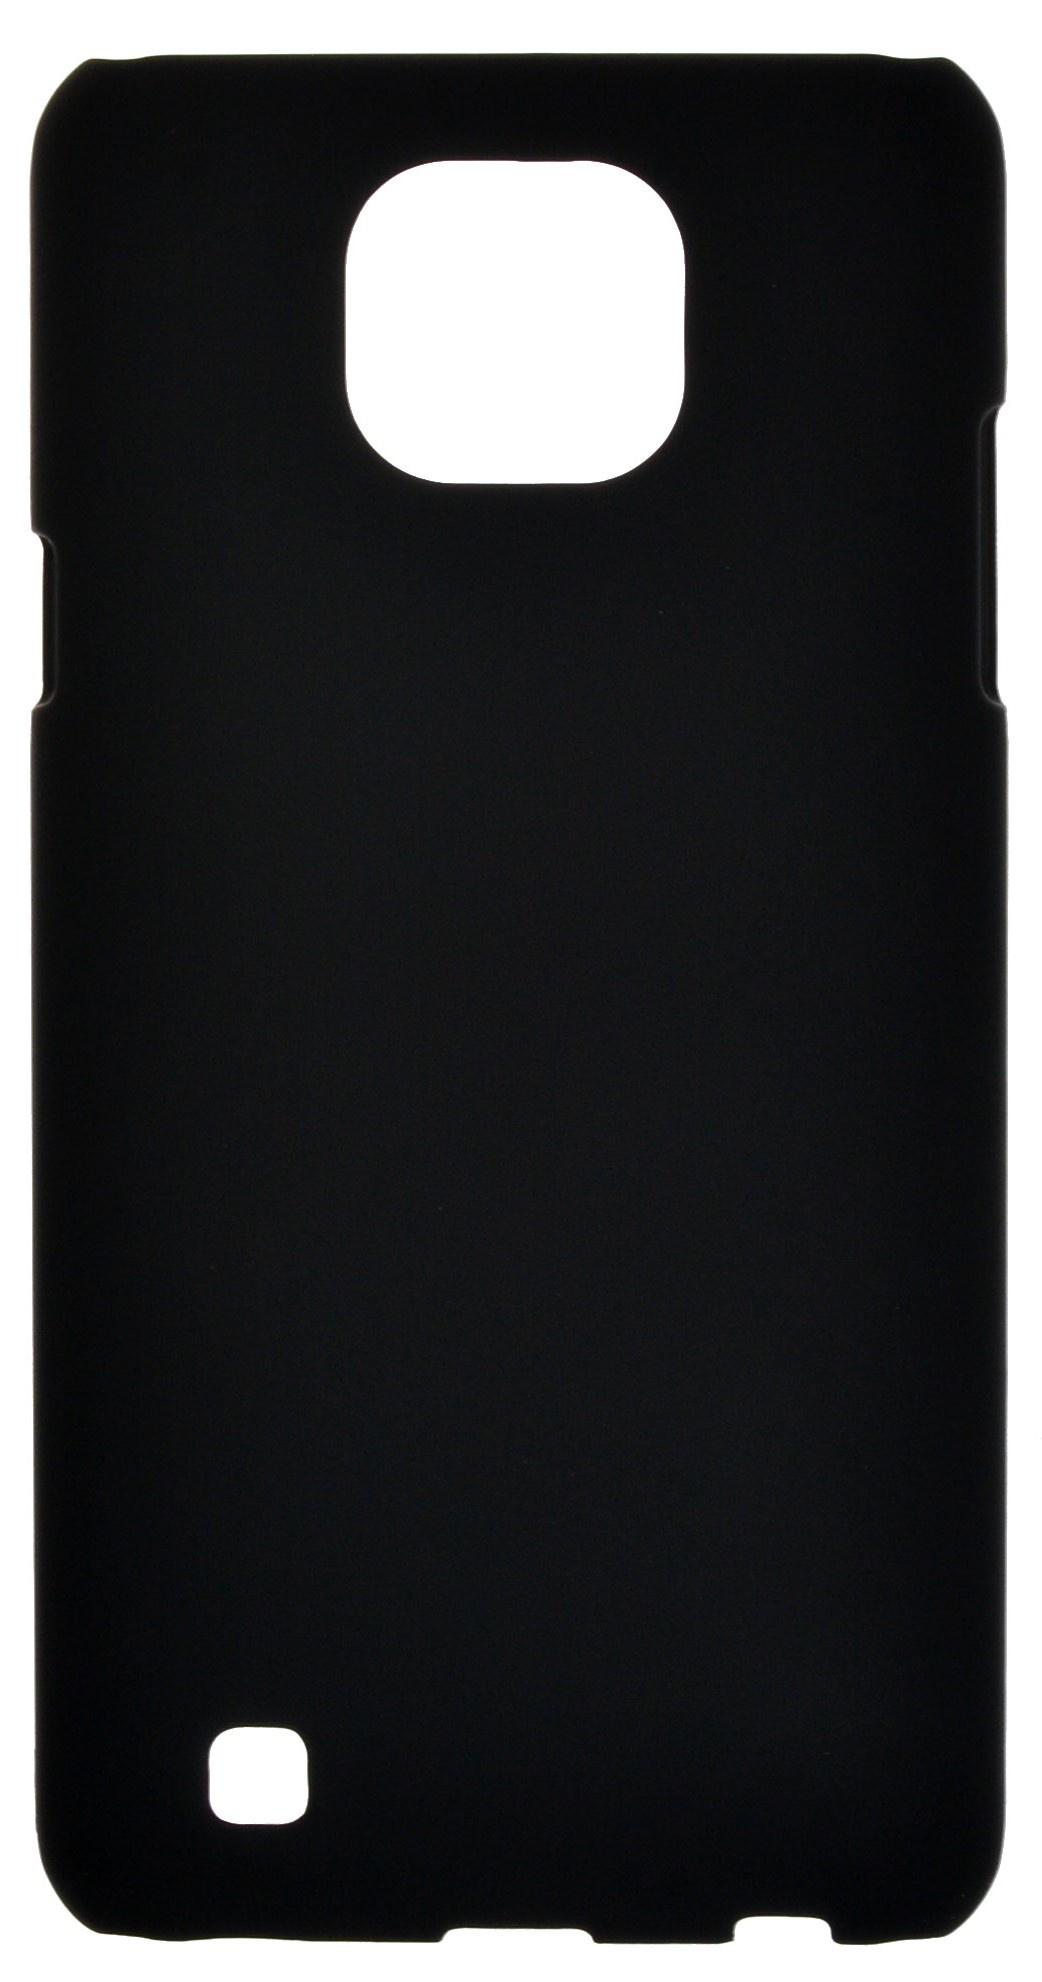 Чехол для сотового телефона skinBOX 4People, 4630042528321, черный стоимость